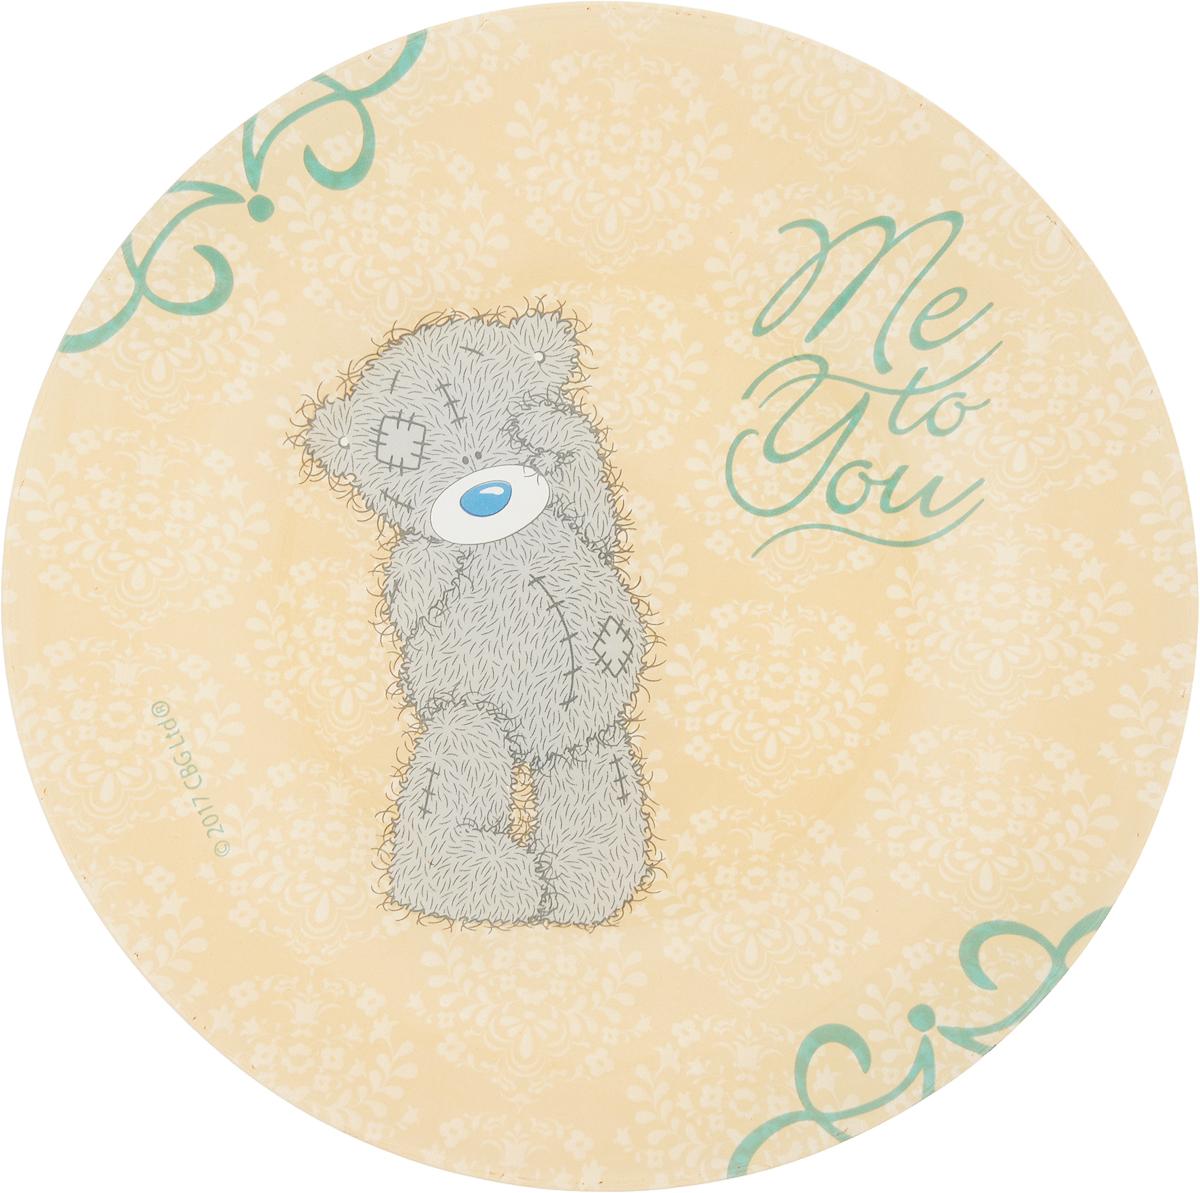 Тарелка Pasabahce Me To You. Барокко, диаметр 19,5 см10327SLBD41Детская тарелка Pasabahce Me To You. Барокко, выполненная из качественного стекла, украшена оригинальным изображением. Изделие прекрасно подойдет в качестве подарка. Диаметр тарелки: 19,5 см.